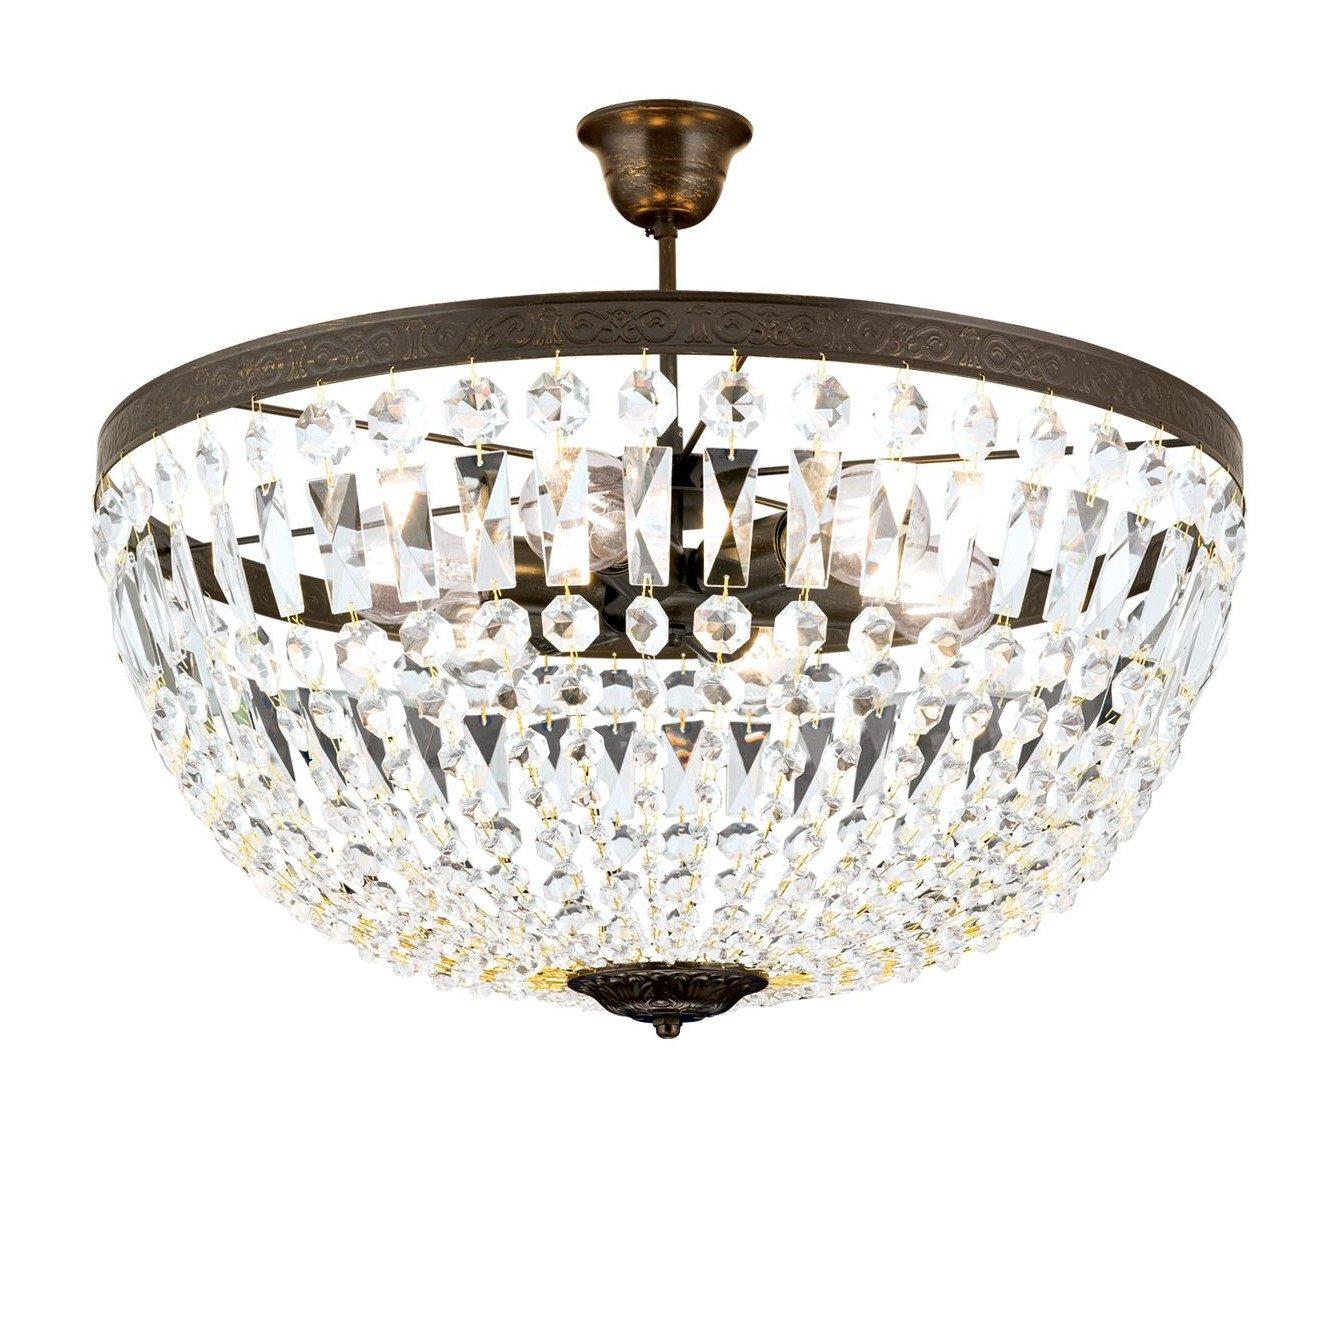 gro e deckenleuchte mit kristall behang im stil eines antiken l sters. Black Bedroom Furniture Sets. Home Design Ideas